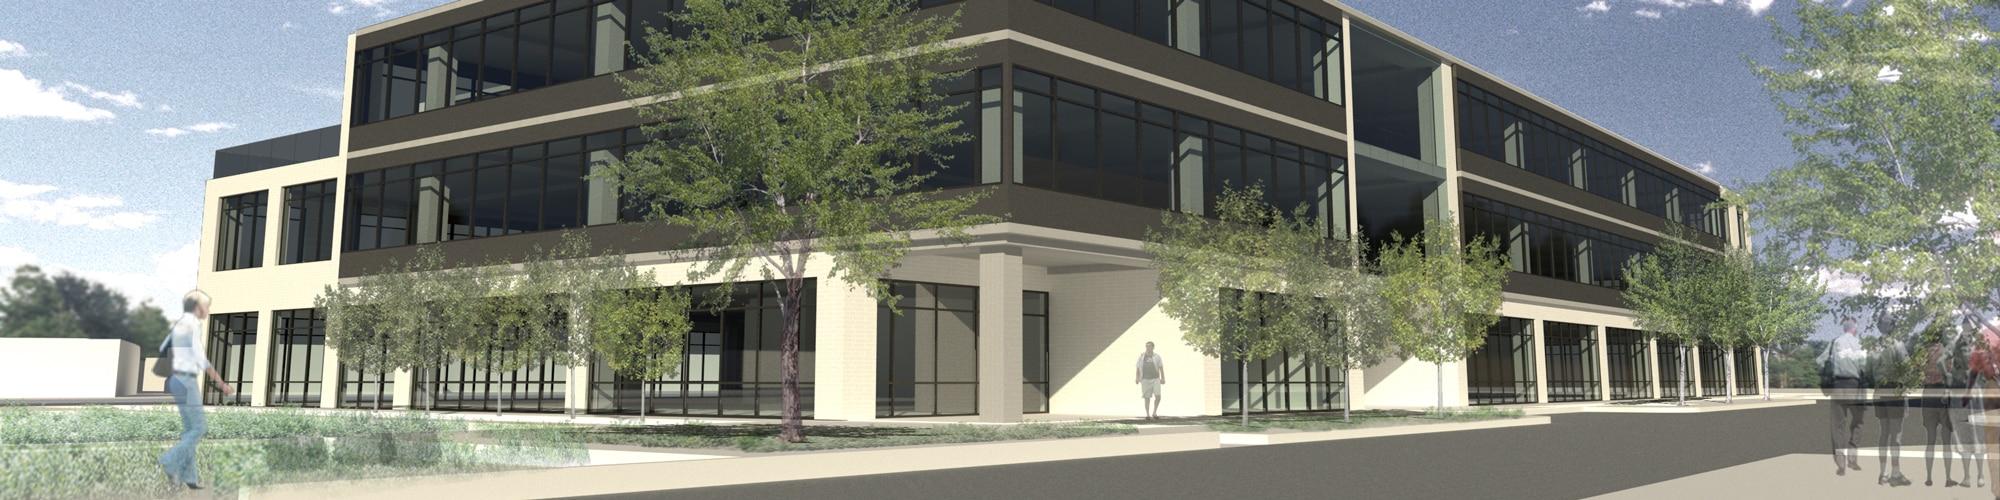 Eastlake at Tillery Office Development on East Cesar Chavez in Austin